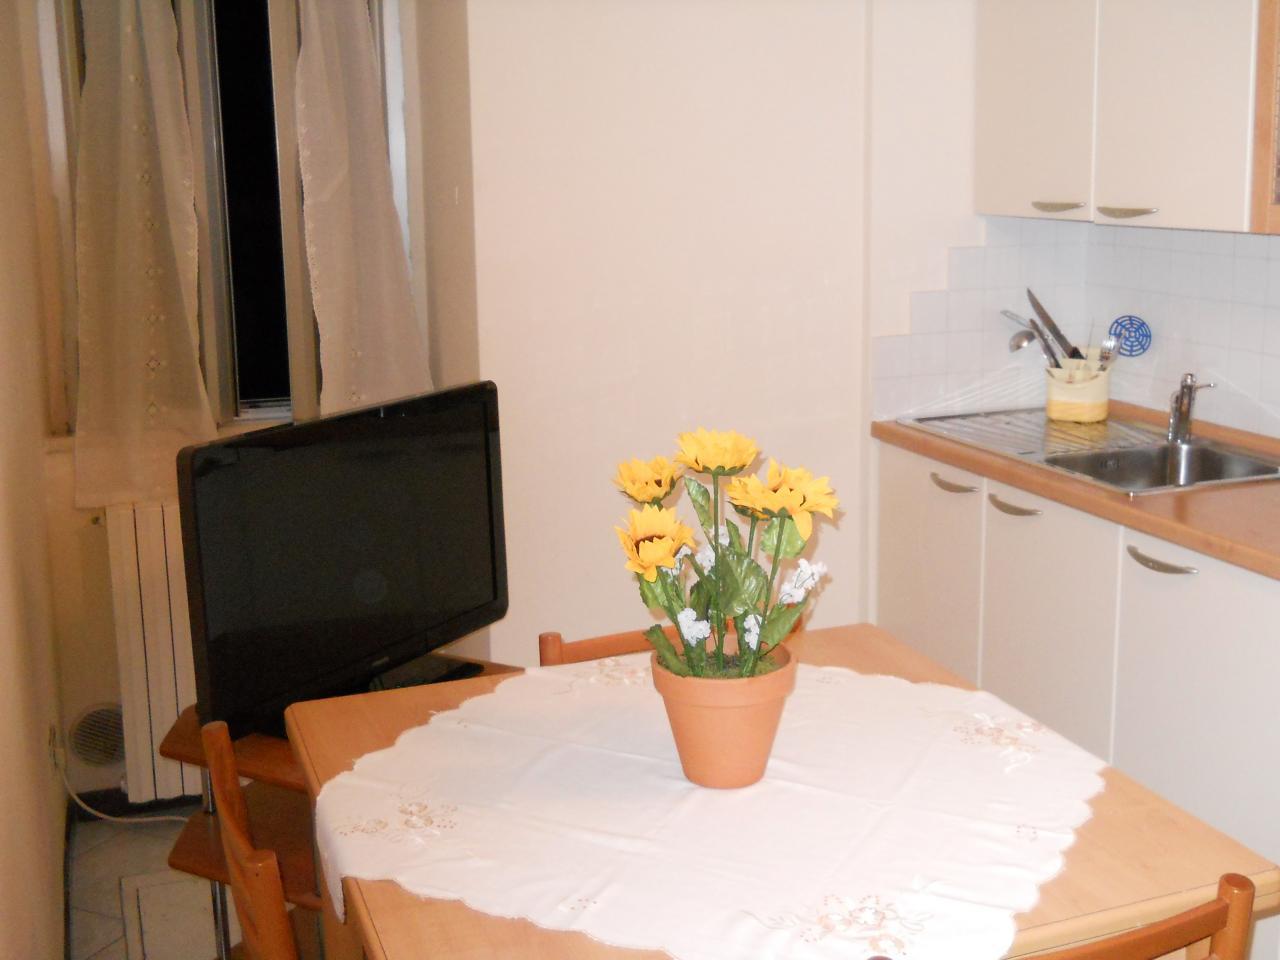 Appartamento in vendita a Montegranaro, 3 locali, prezzo € 45.000 | Cambio Casa.it